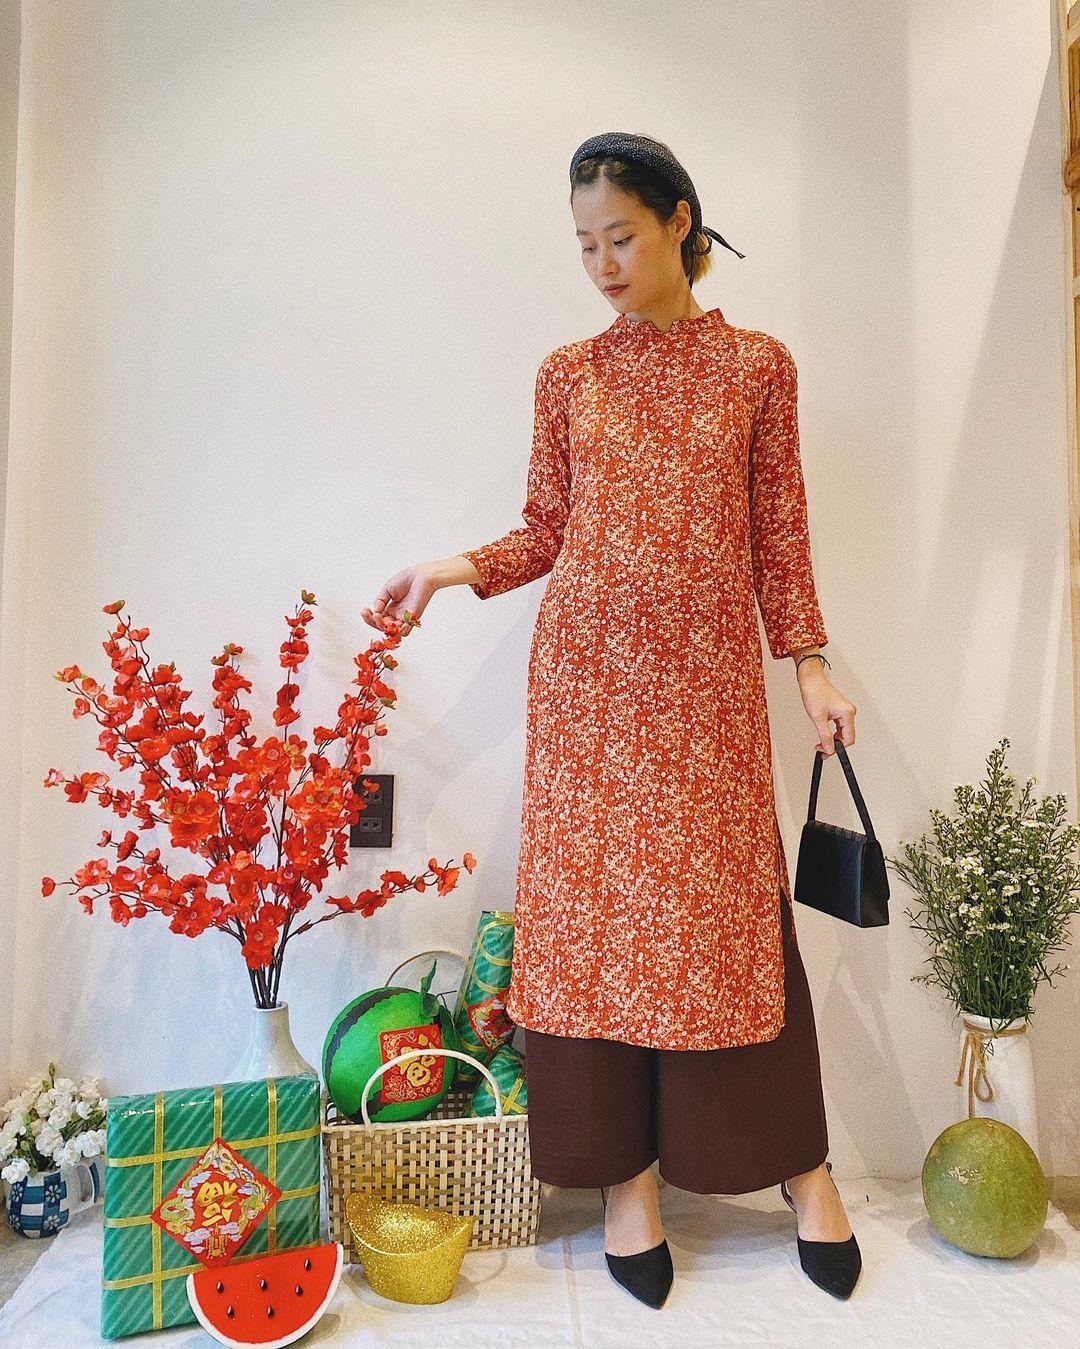 10 mẫu áo dài đỏ từ 450k nổi bật và tươi tắn hết sức để diện dịp đón năm mới - Ảnh 17.